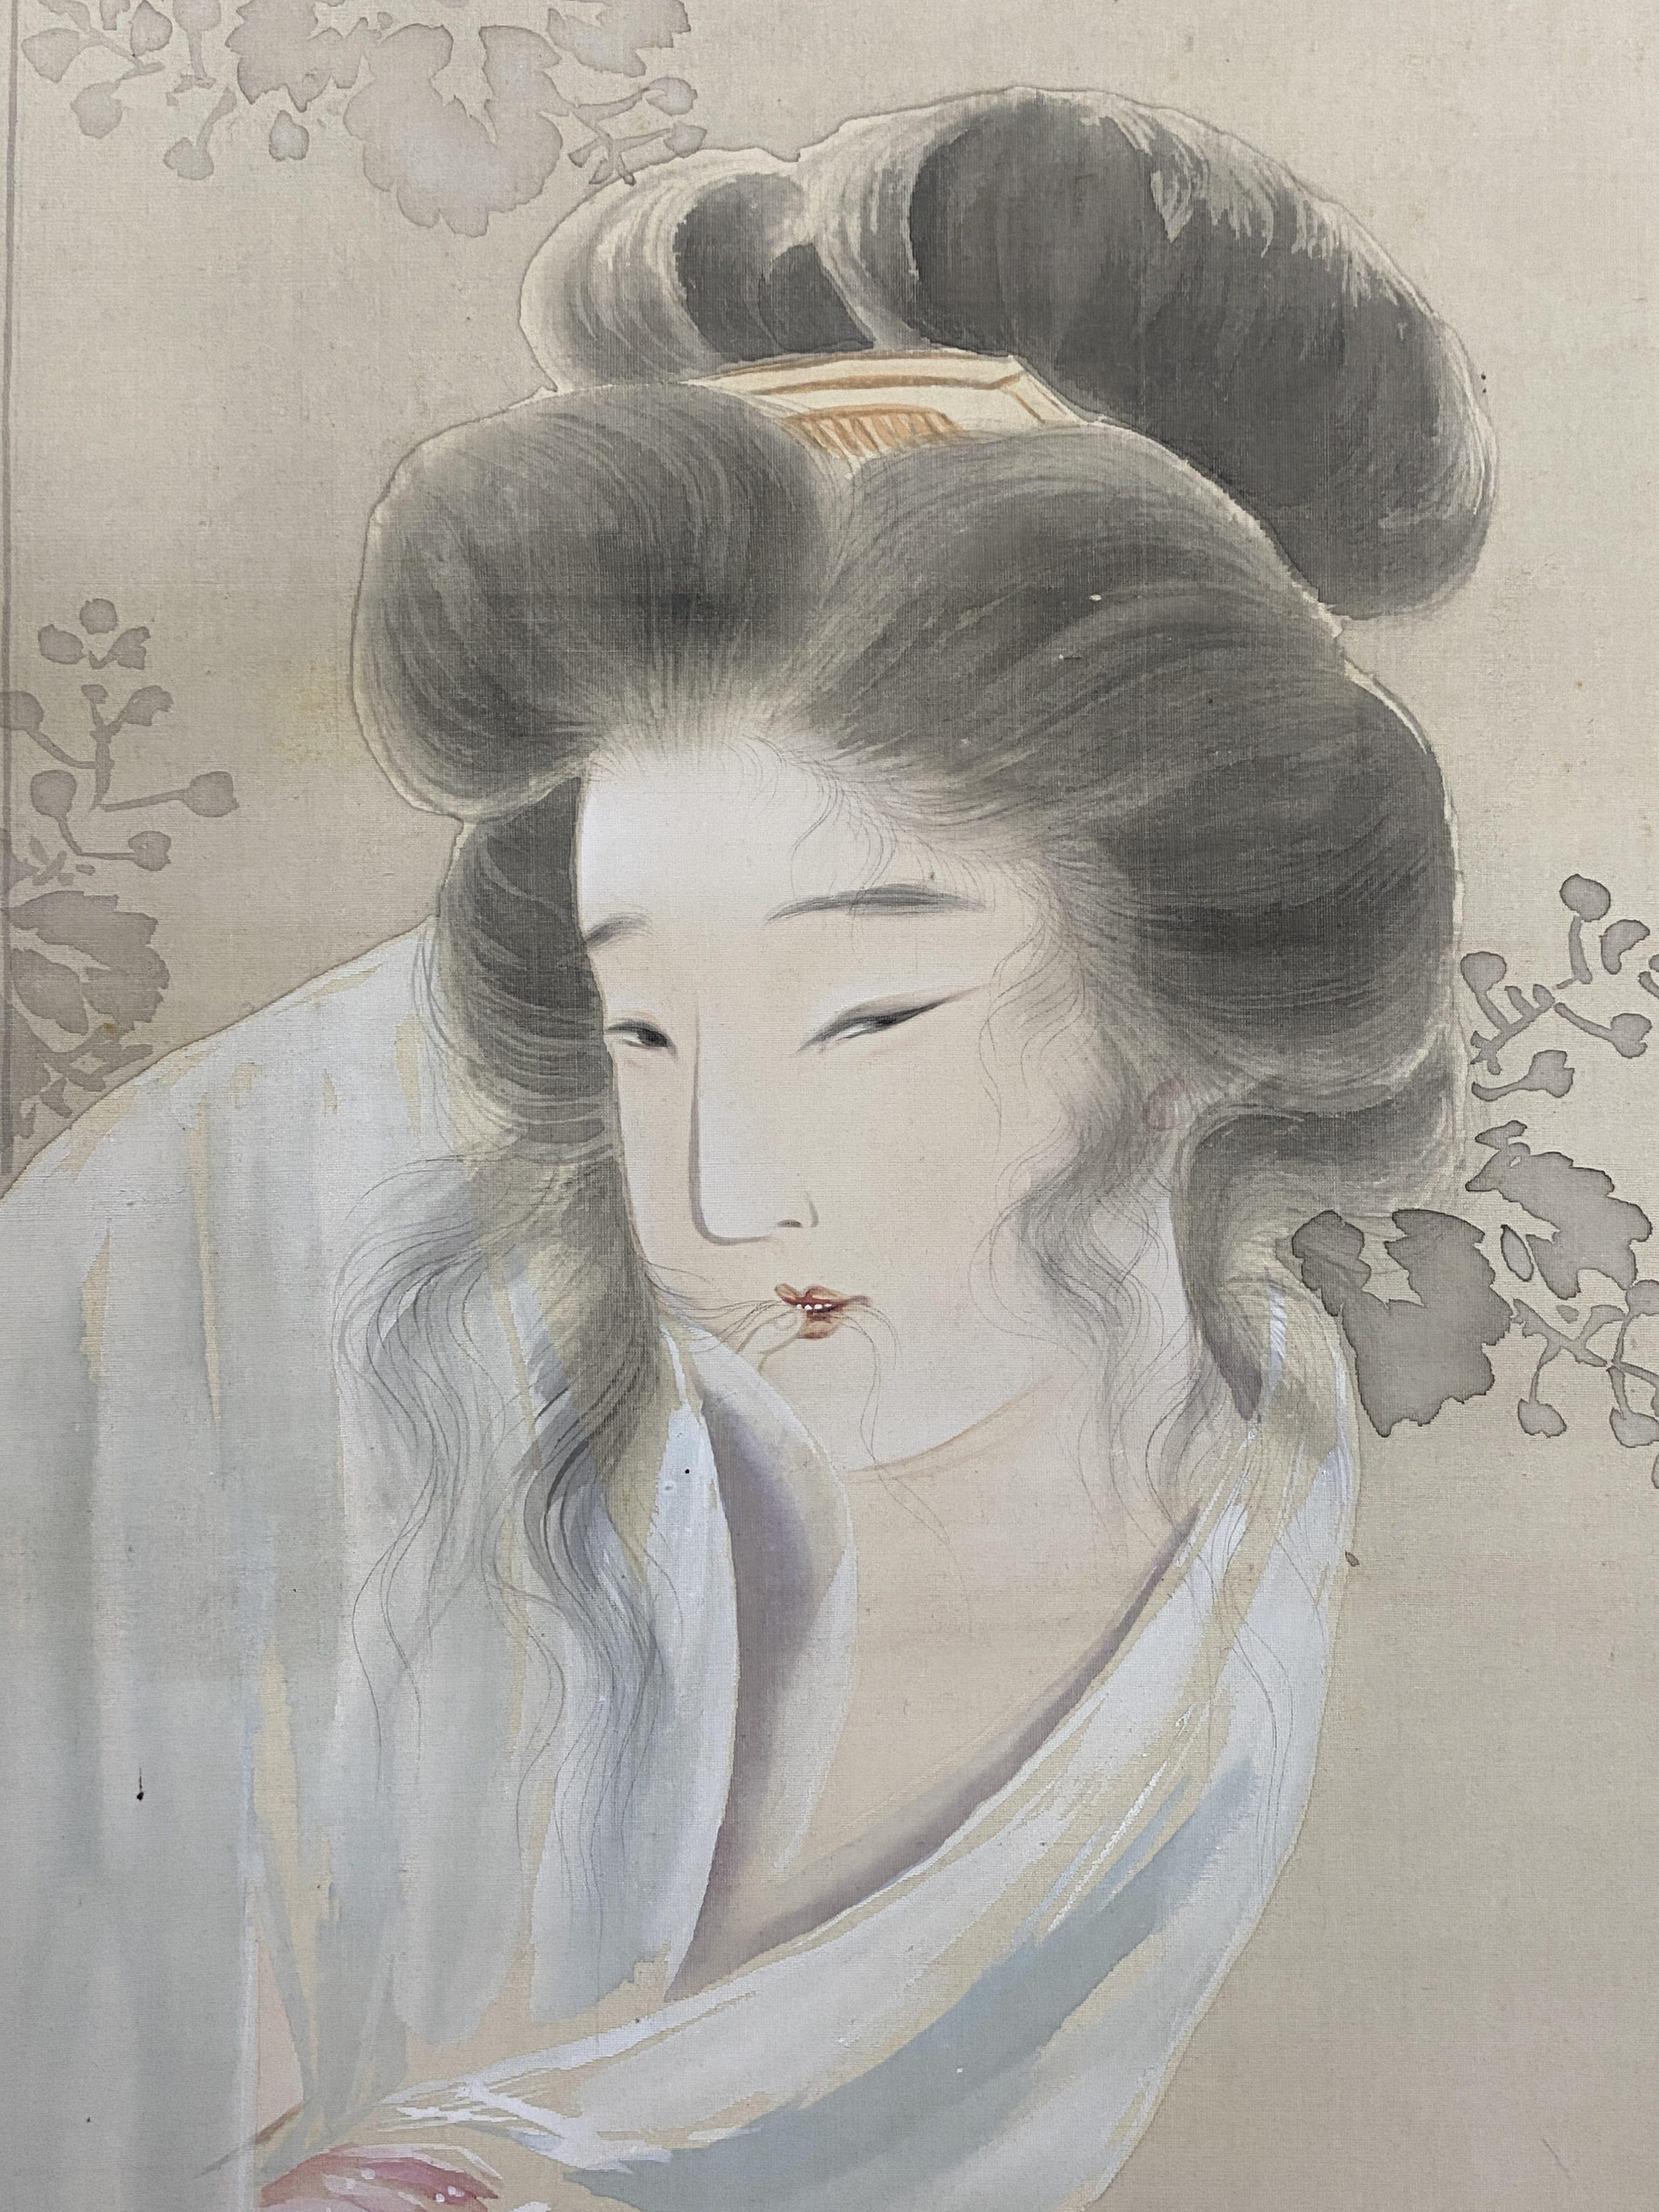 山本暁邦 艶美人図